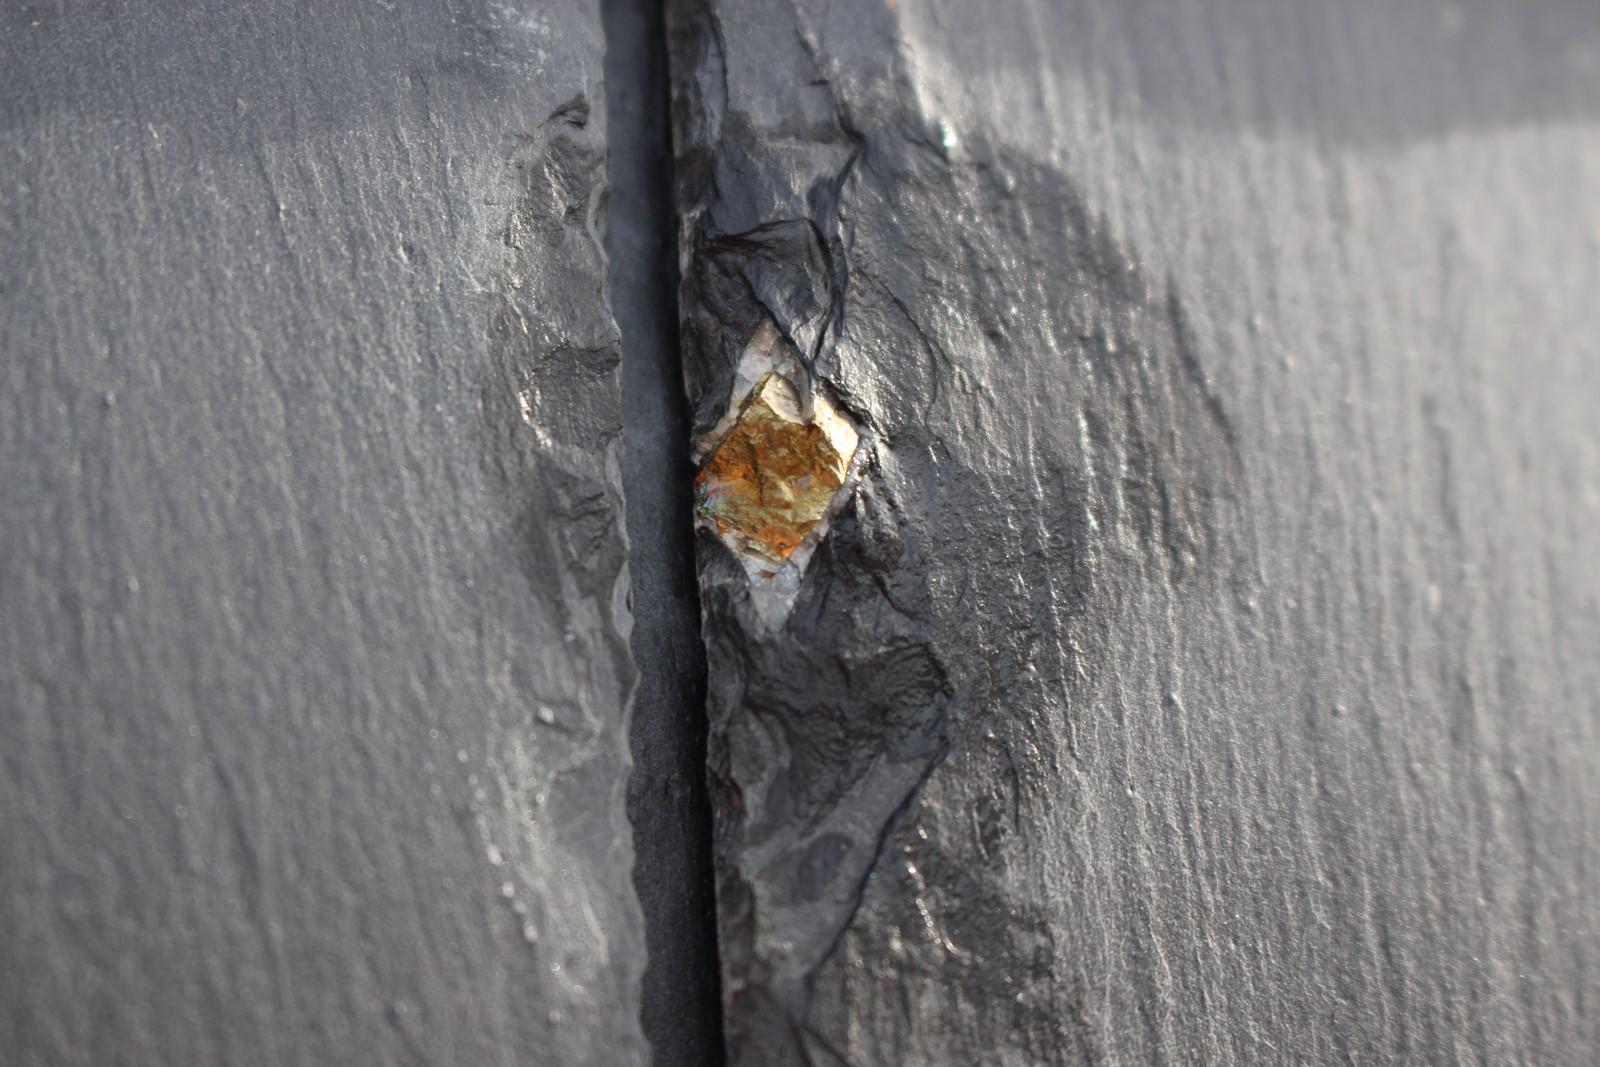 Leuke stukjes pyriet kun je zien zitten in de gevelbekleding van Dorpshuis de Berchplaets